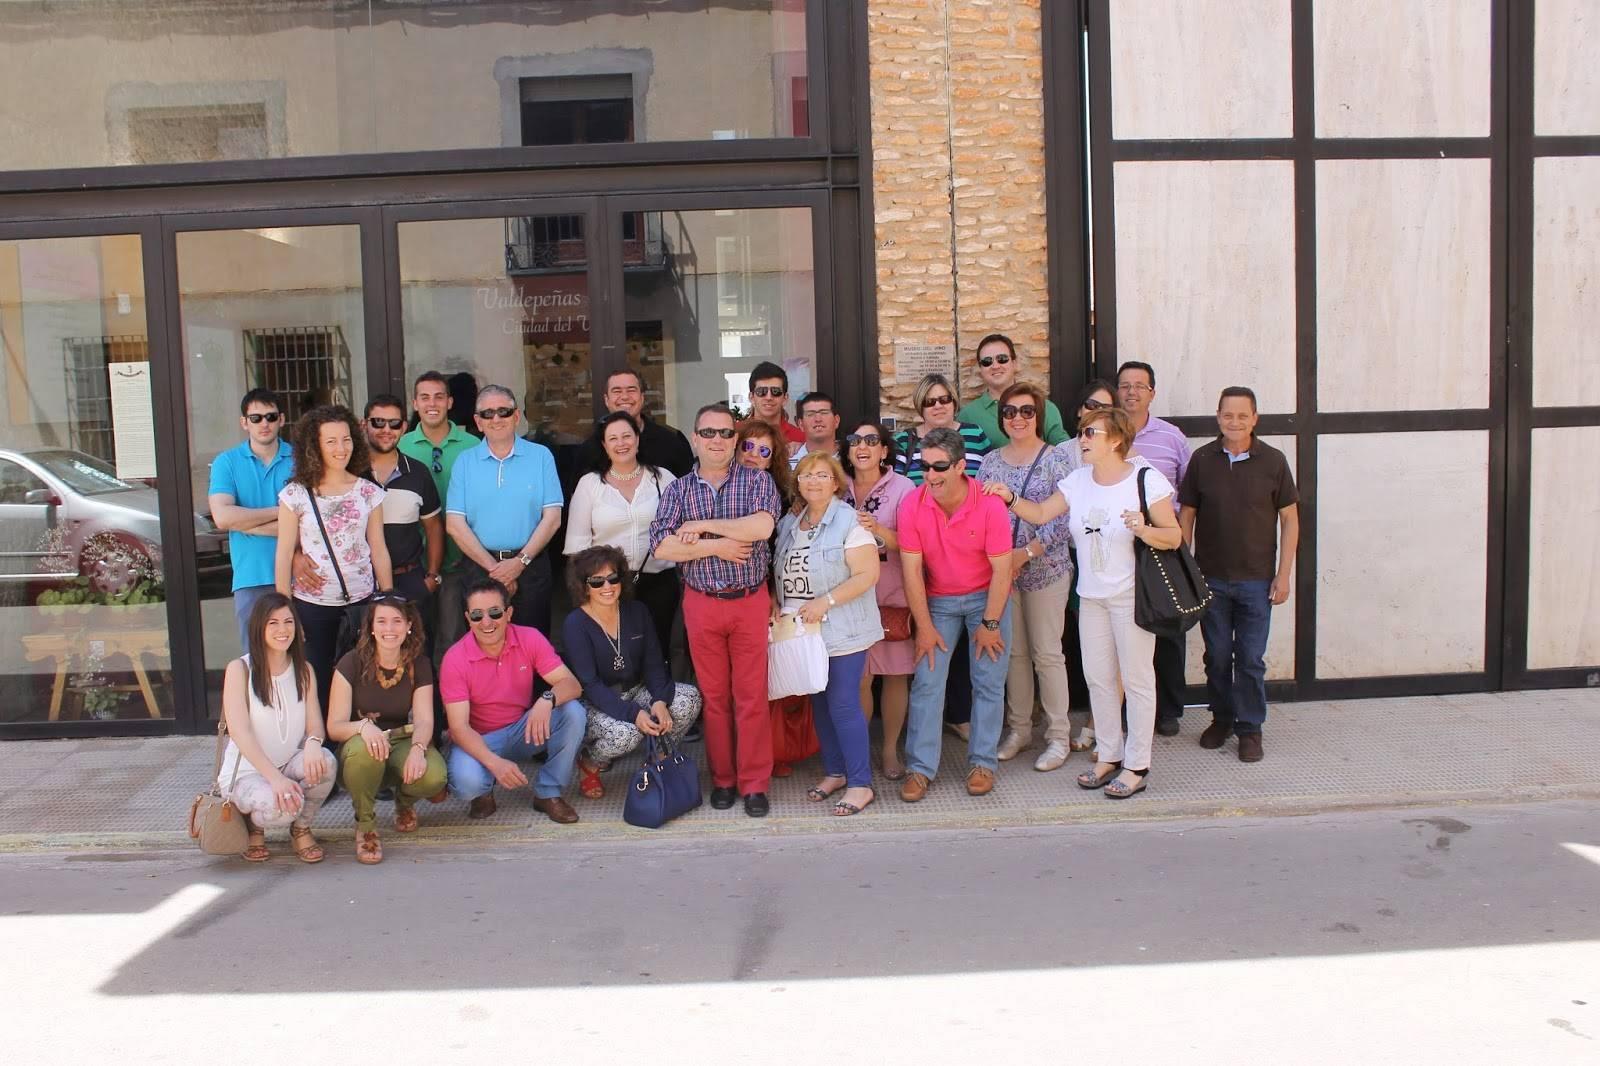 Componentes de la asociaci%C3%B3n de Amigos del Vino de Herencia durante su visita a una bodega - La asociación de Amigos del Vino prepara su tercer curso de cata de vinos para junio